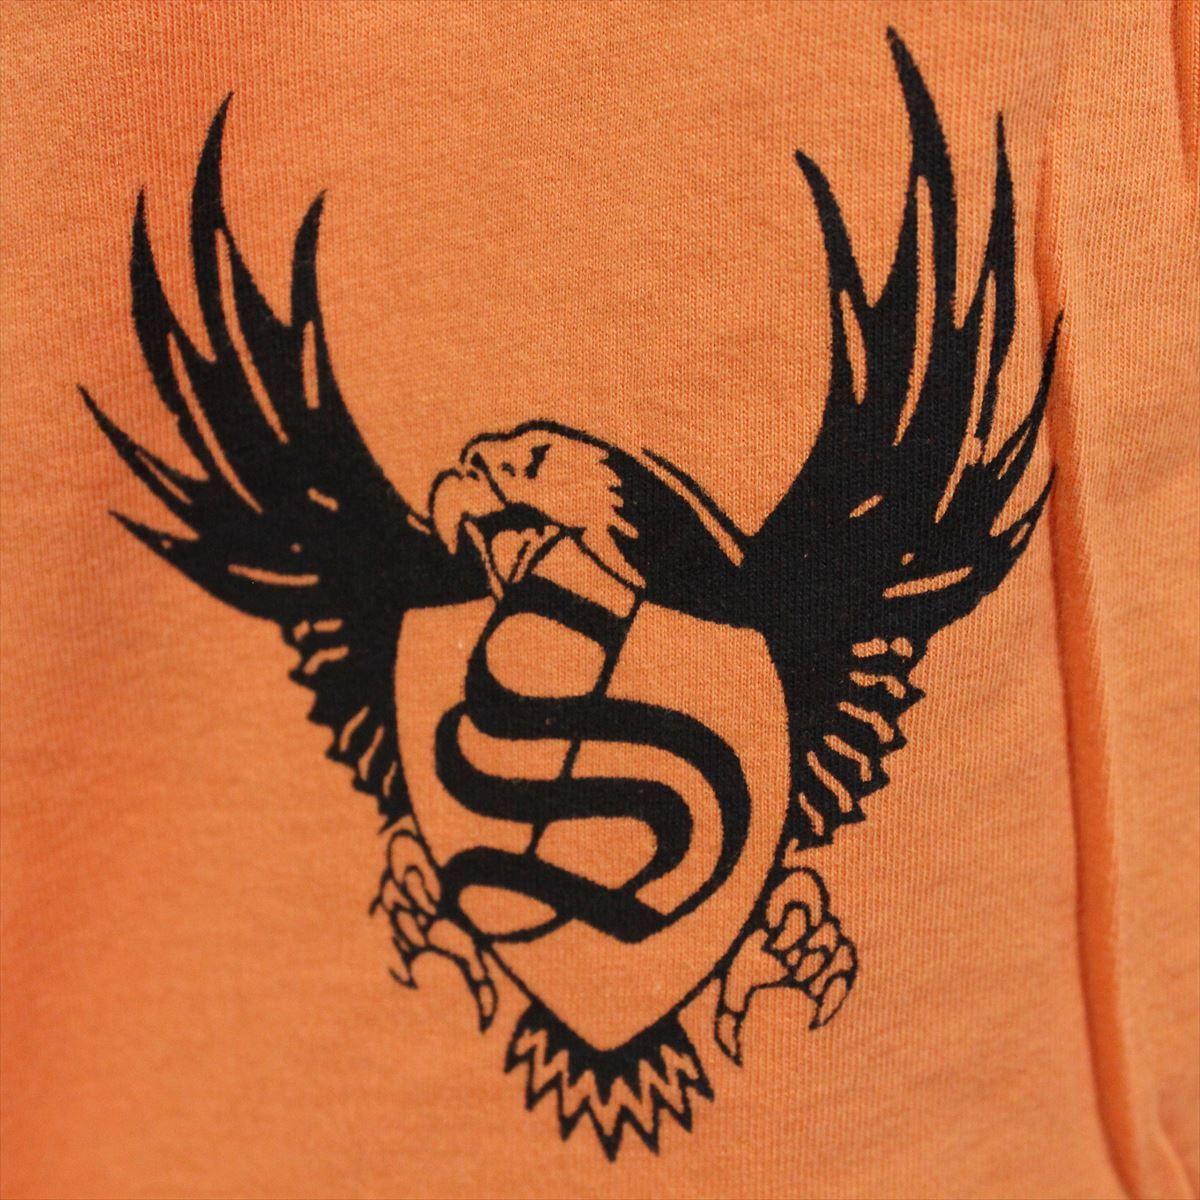 スメット SMET メンズ半袖Tシャツ オレンジ Mサイズ NO12 新品 スカル_画像4